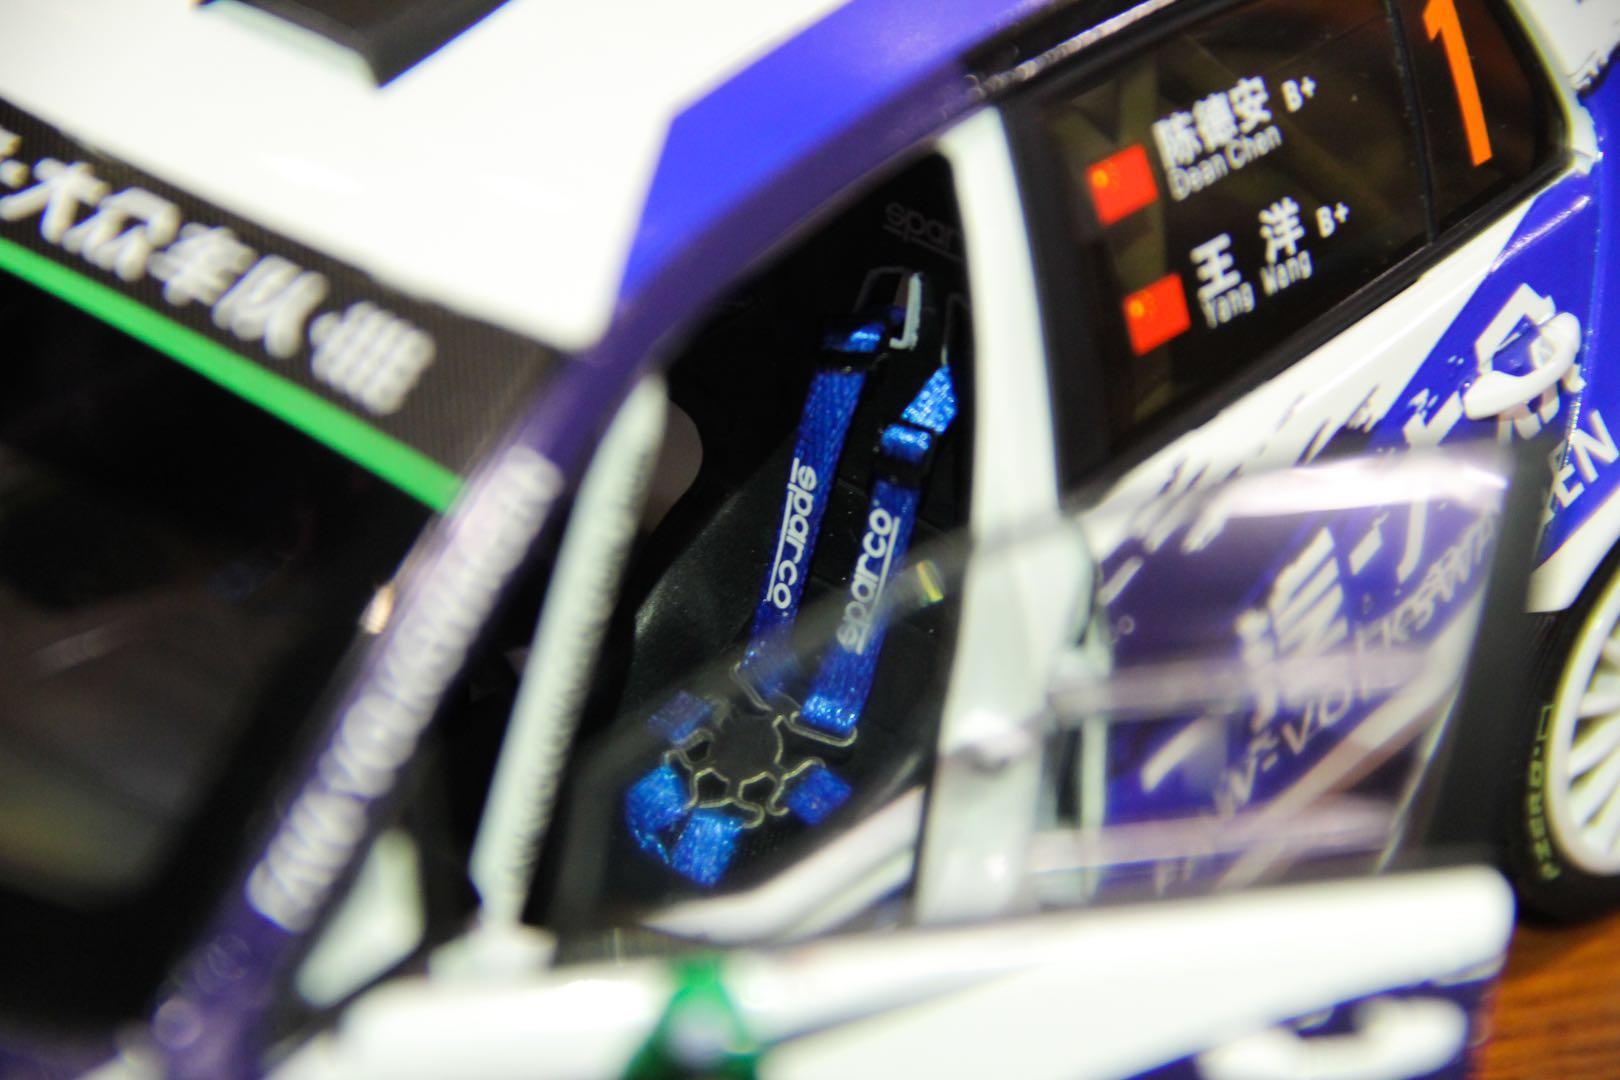 高尔夫 高尔夫7 高7 CRC 赛车模型 1::18模型 一汽大众 德安汽车